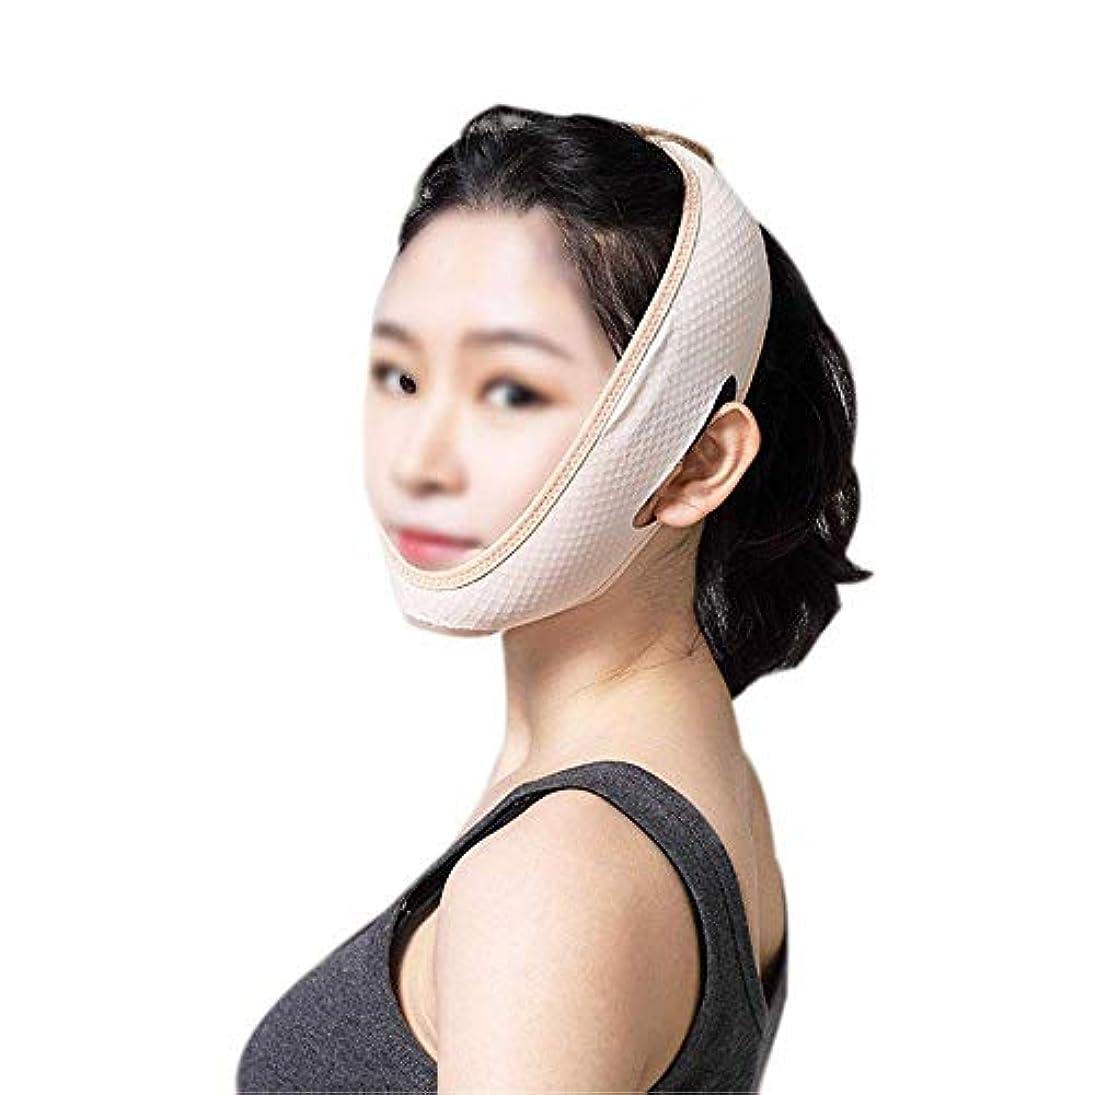 細分化する塊ペースフェイスリフティングバンデージ、肌の引き締めを強化する薄いフェイスマスクの睡眠、ダブルチンマスクの削減